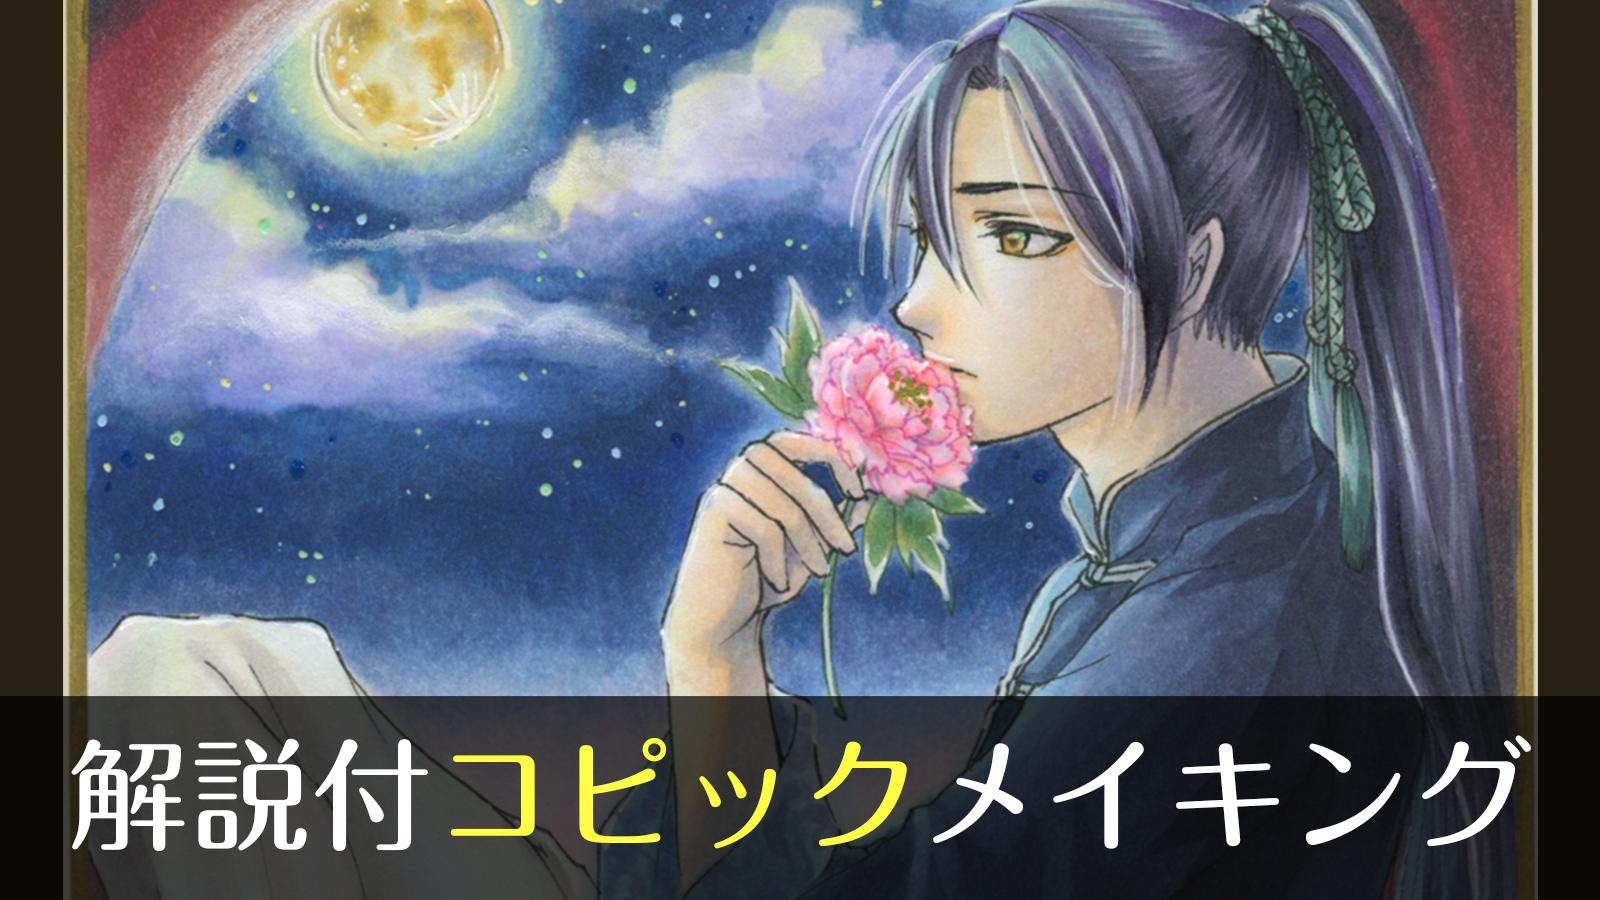 【コピックメイキング】「月・夜空」の塗り方解説